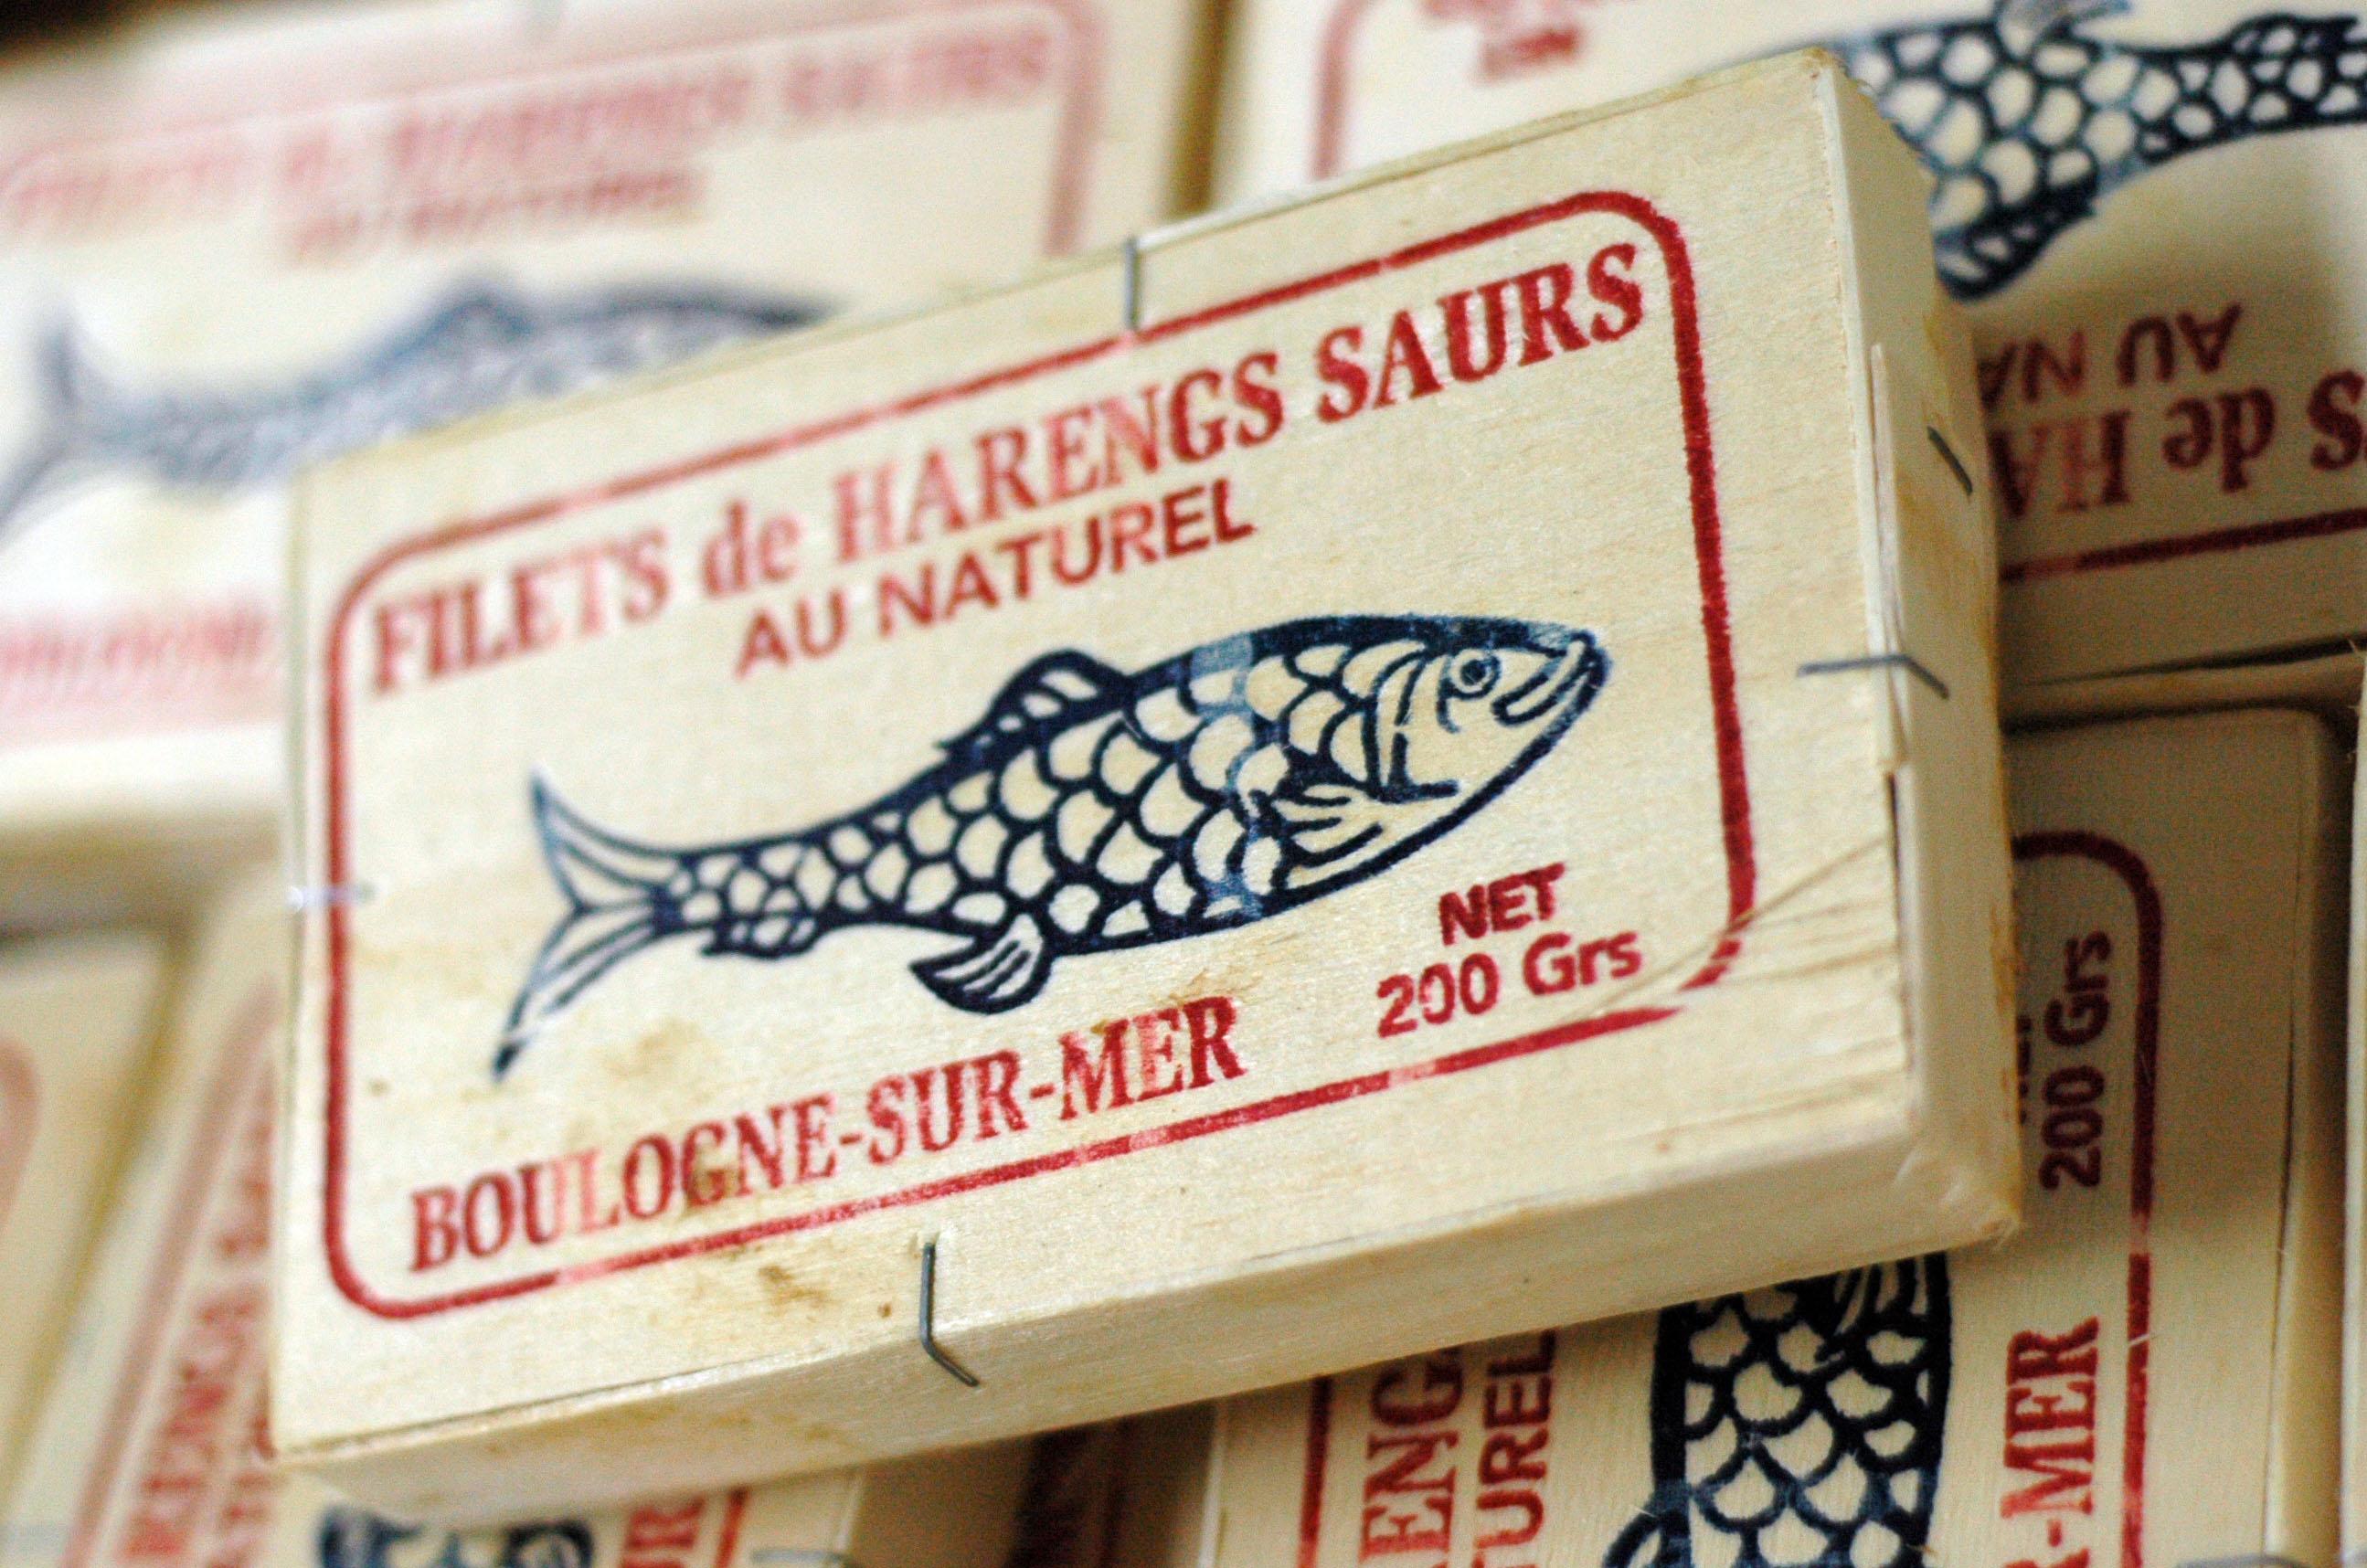 Filets de harengs saurs au naturel-Corrue-Boulogne-sur-mer